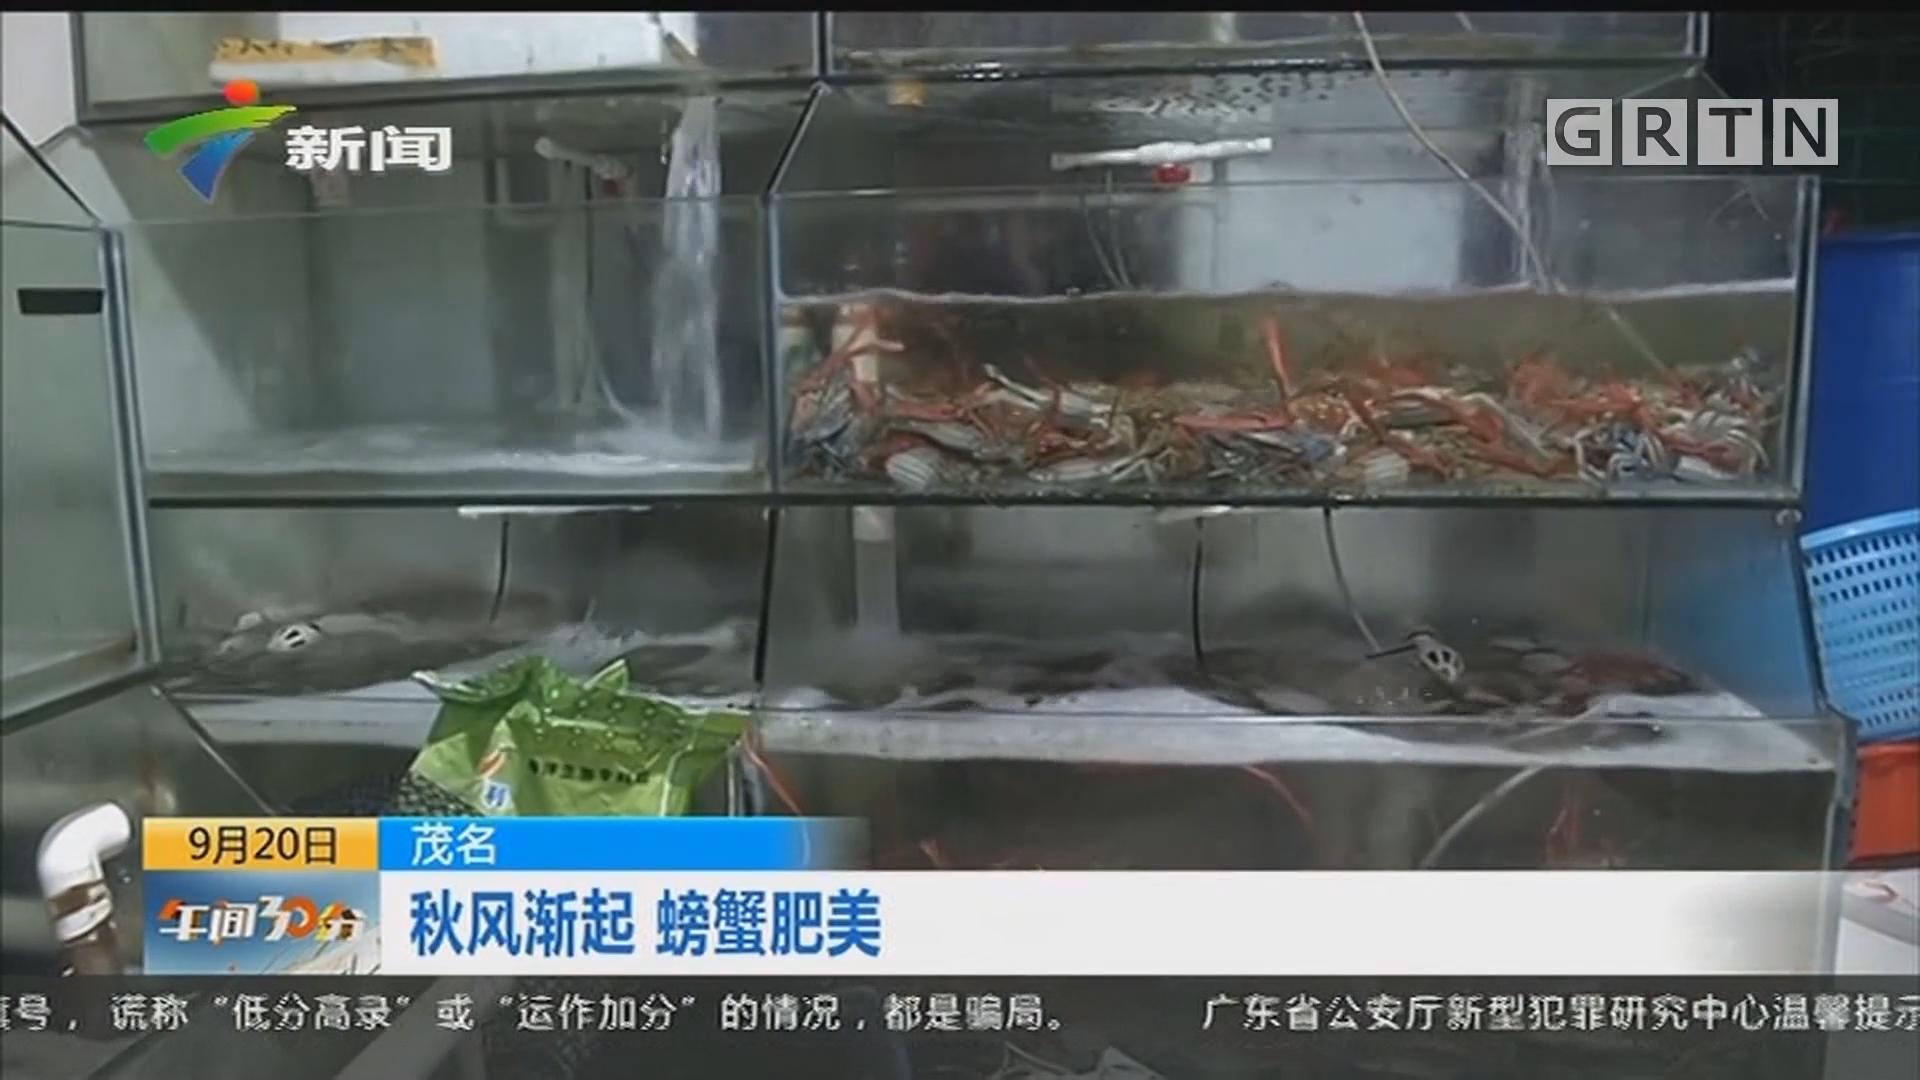 茂名:秋风渐起 螃蟹肥美